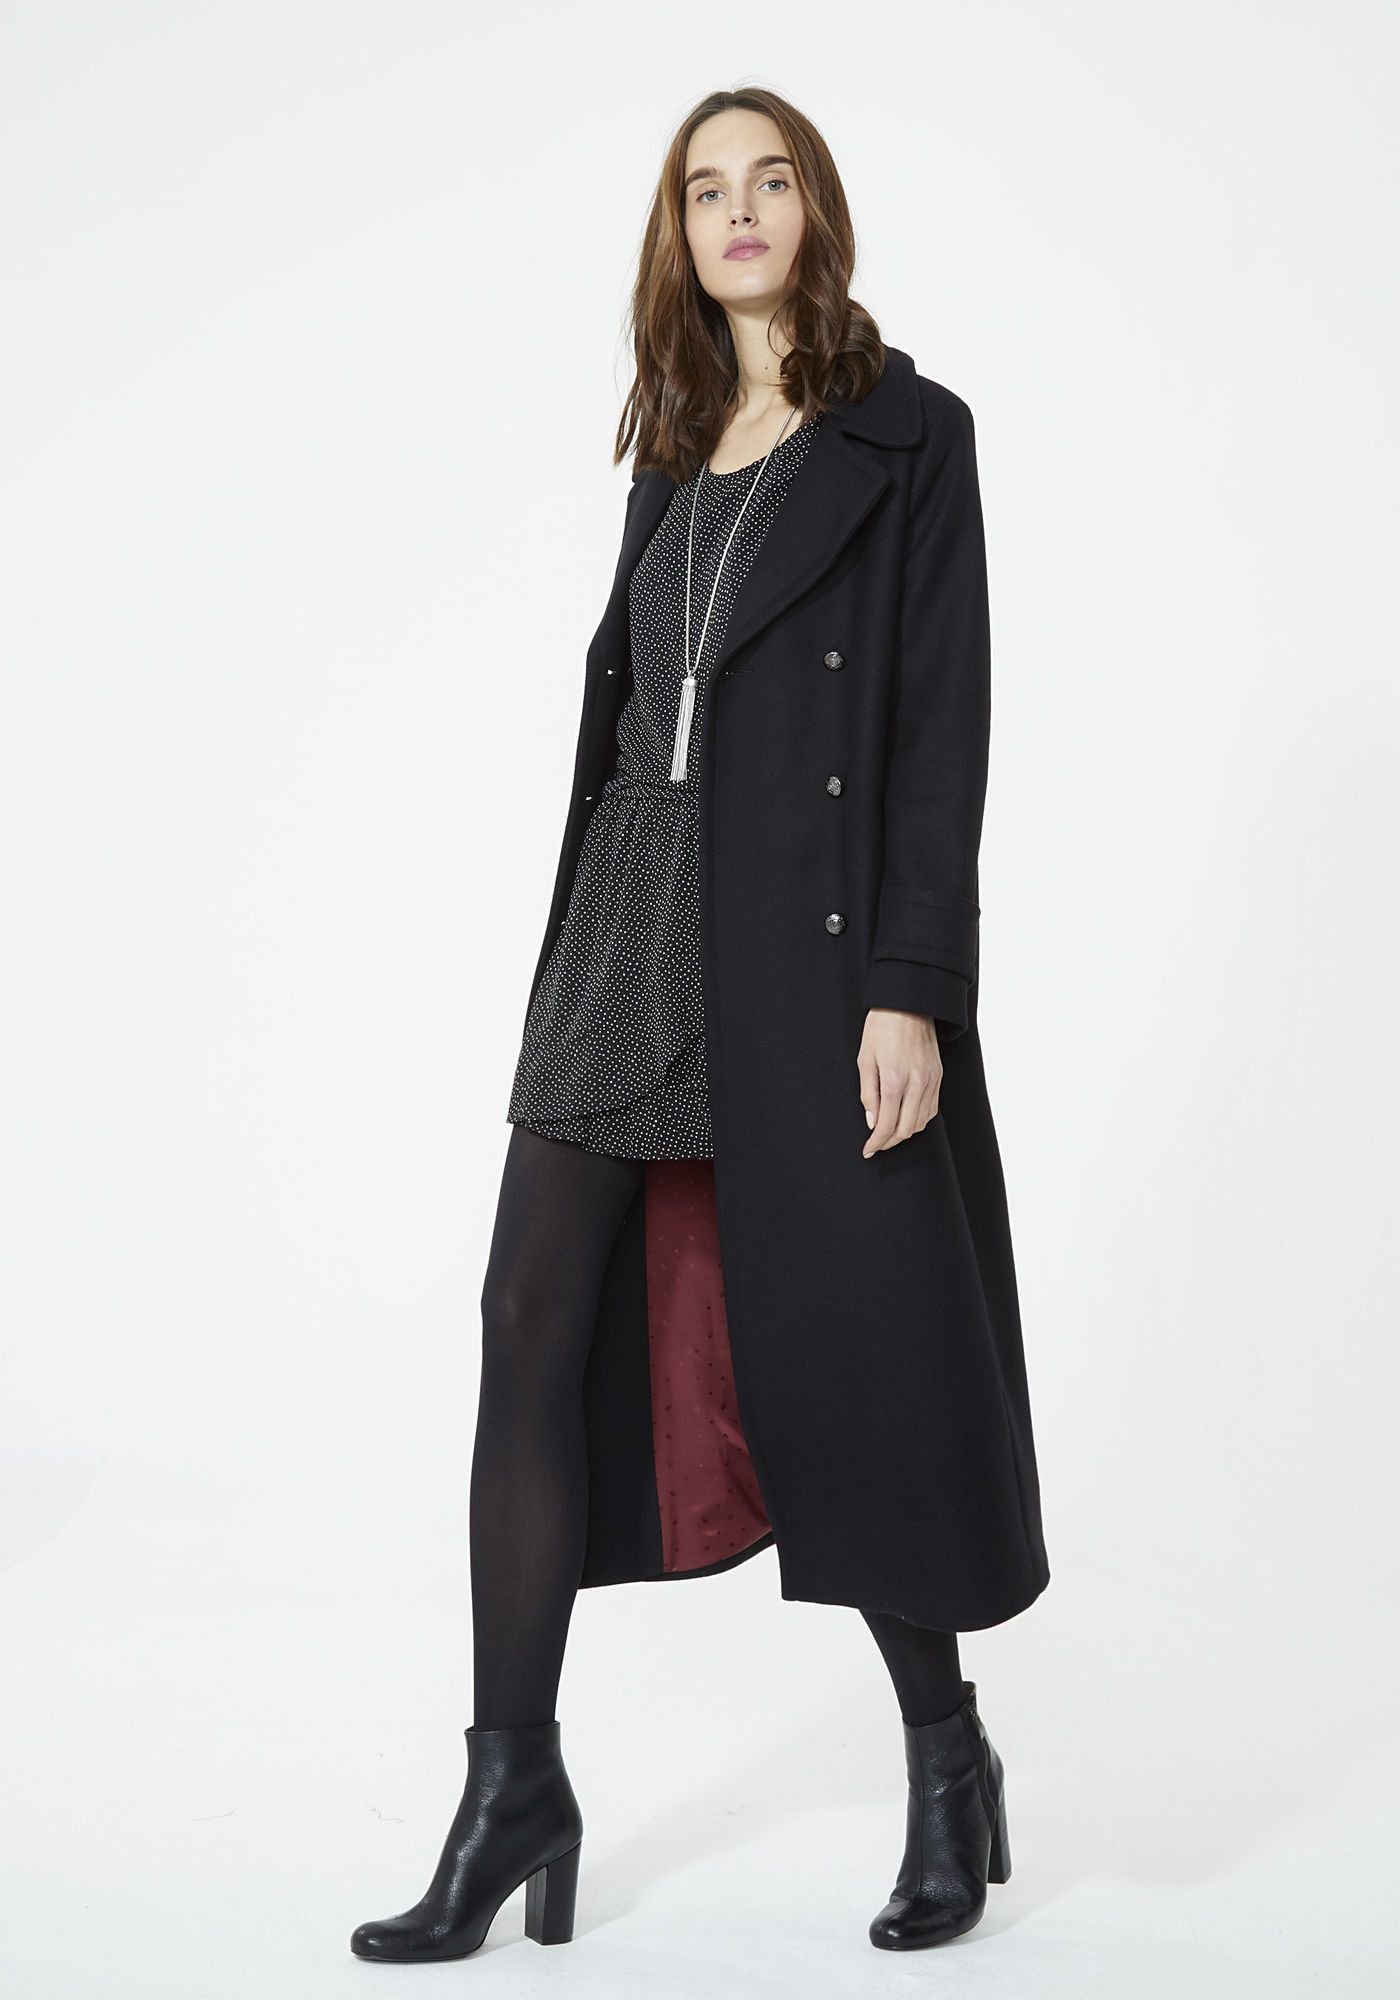 grossiste 05204 0ccfb Manteau long noir femme IKKS | Mode Automne Hiver Manteau ...